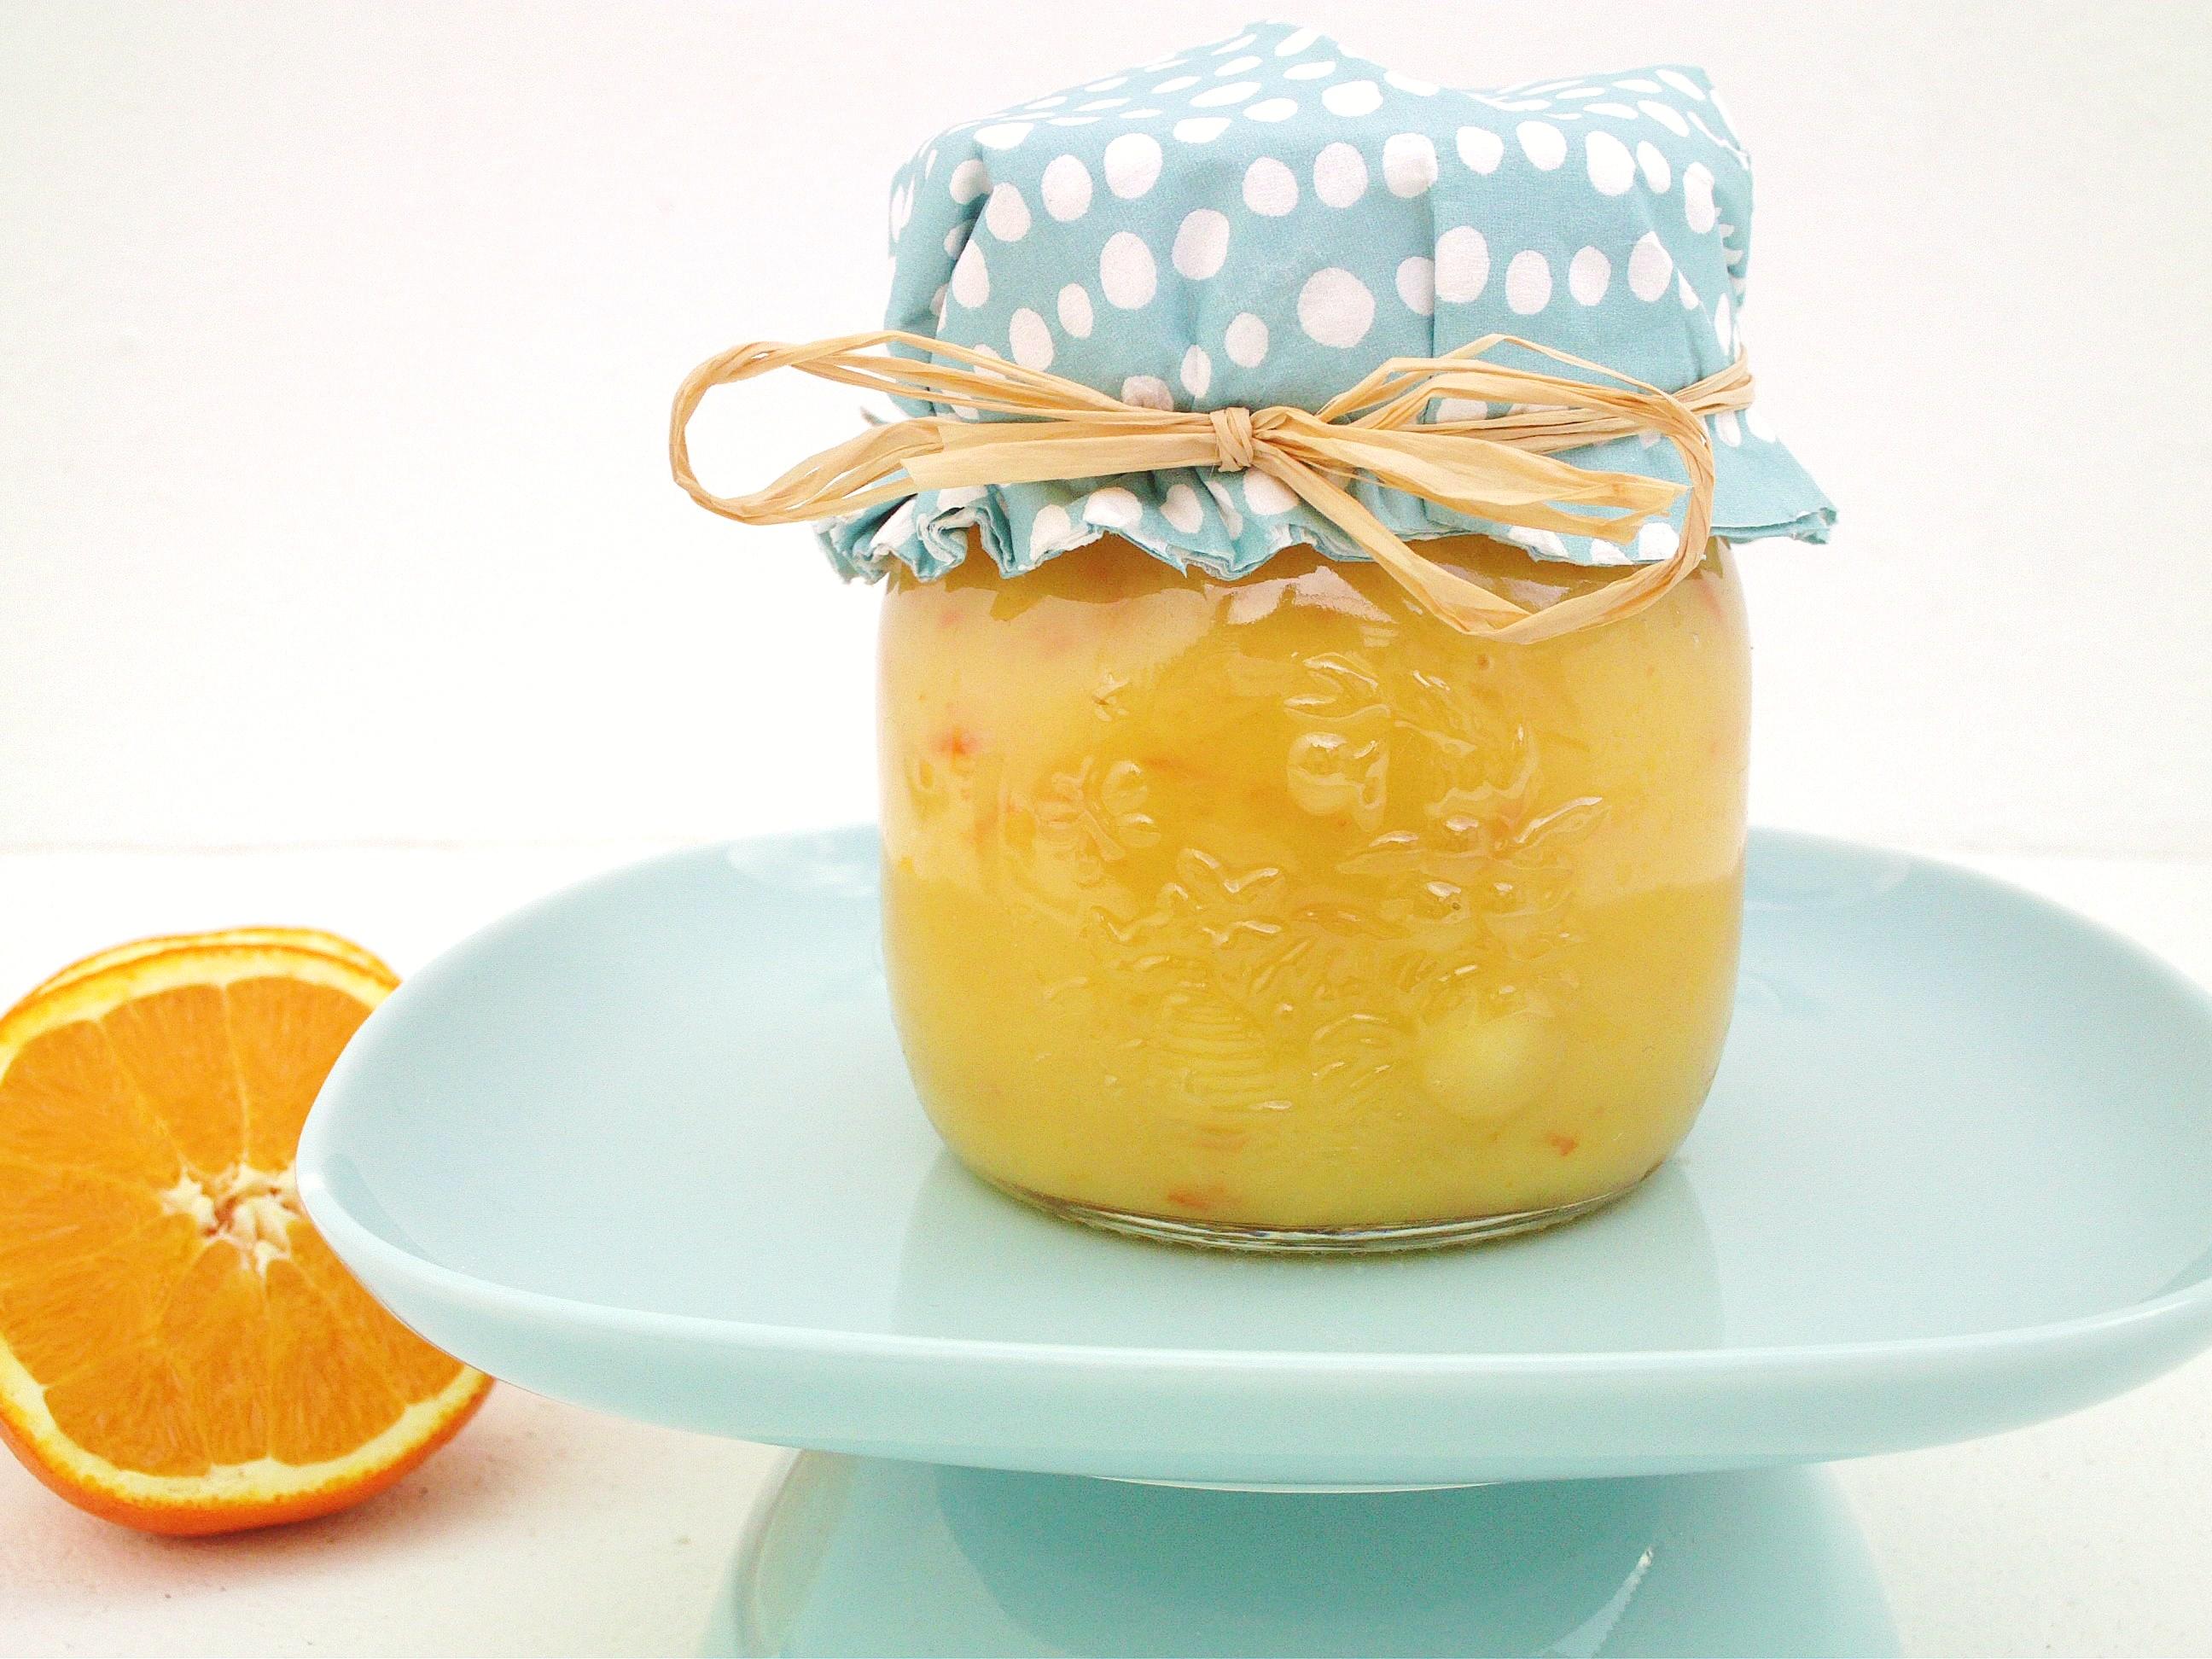 Orange Curd and Little Tarts | Cook Eat Live Vegetarian